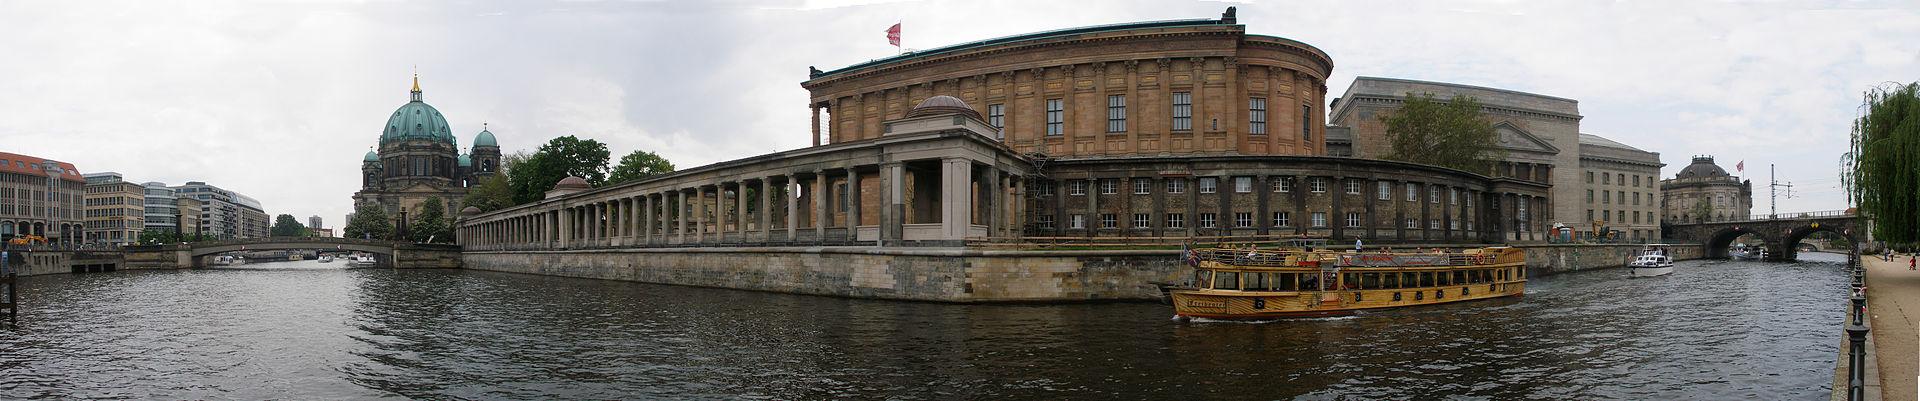 เกาะพิพิธภัณฑ์-เเม่น้ำ